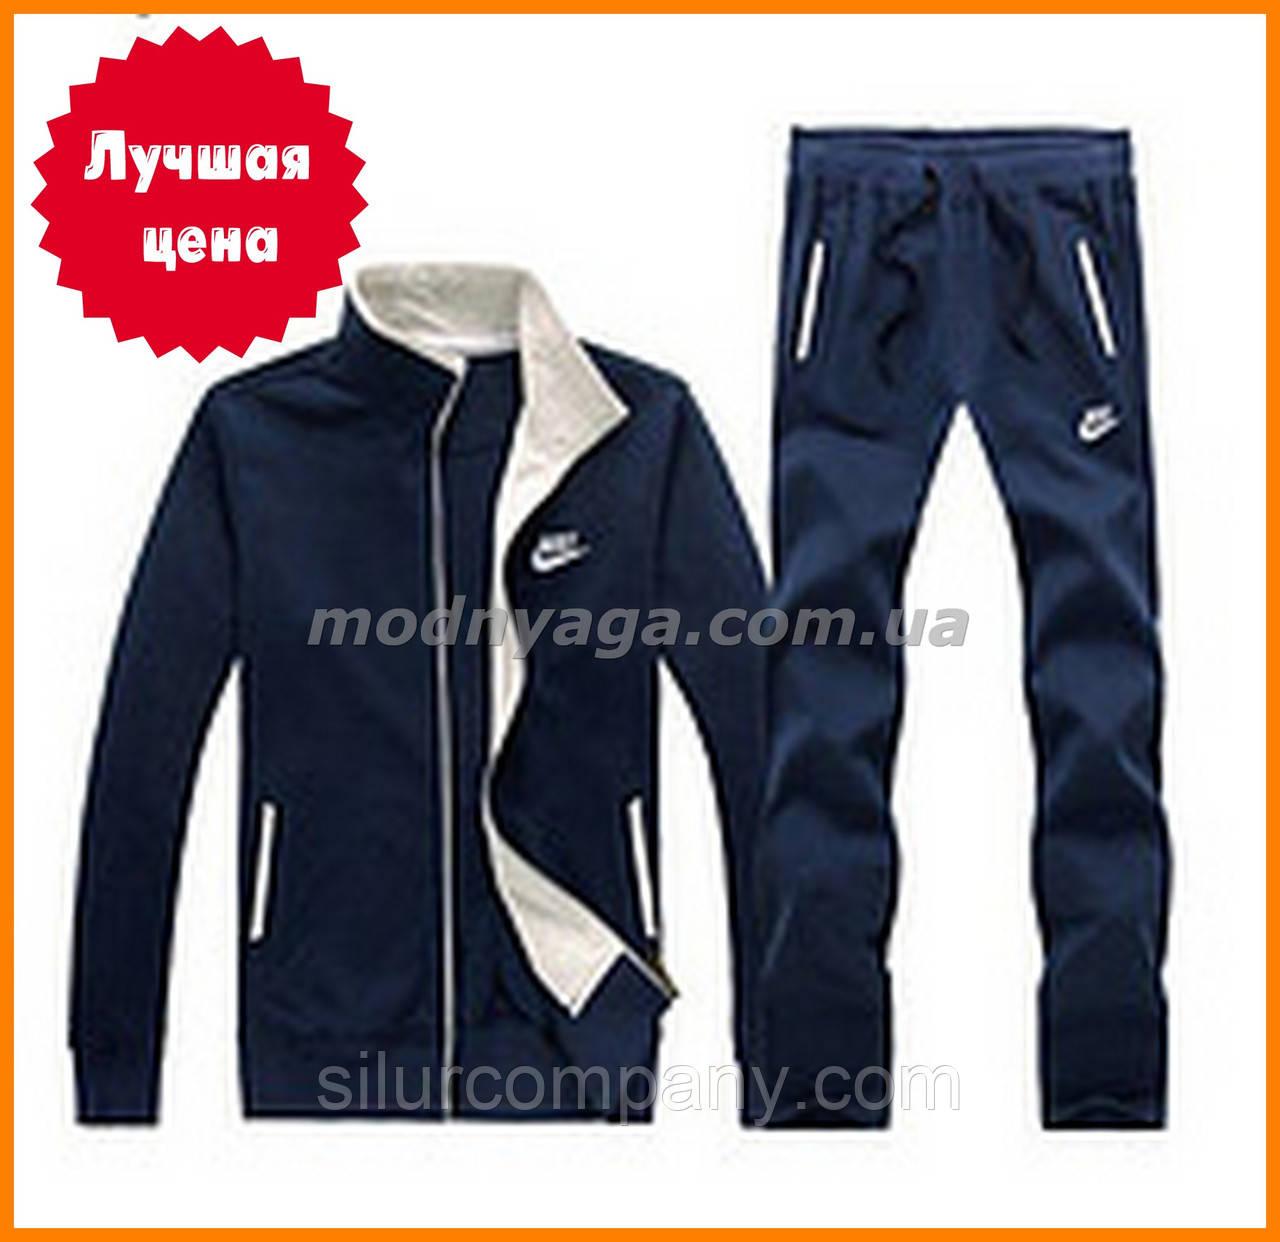 9496ef26 Детские спортивные костюмы Adidas Nike| Недорого для мальчиков - Интернет  магазин